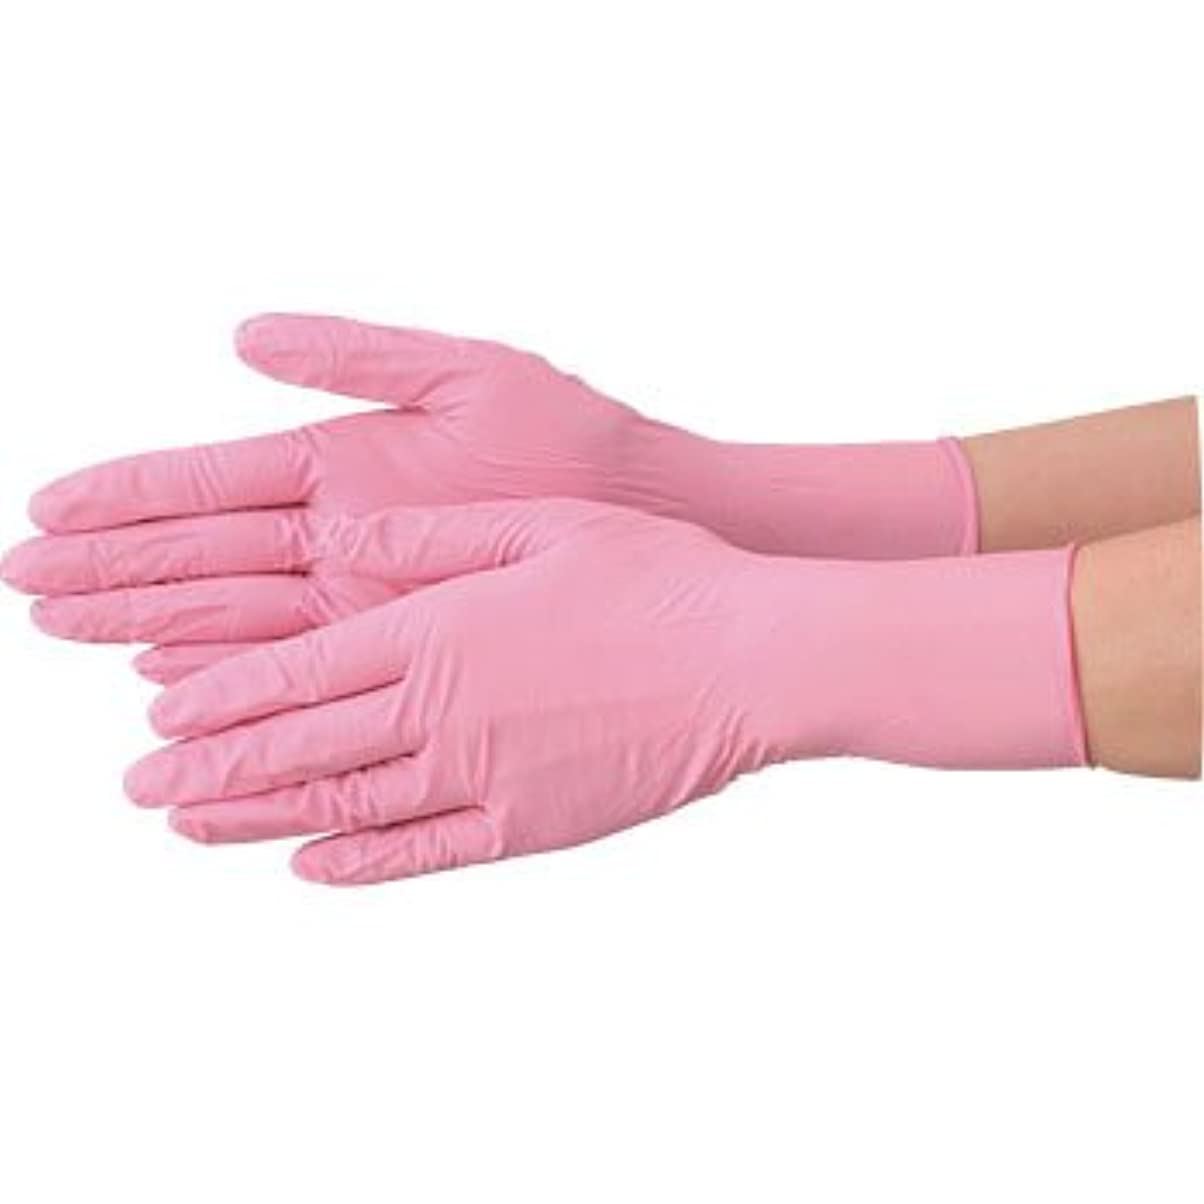 プールバルセロナ租界使い捨て 手袋 エブノ 570 ニトリル ピンク Lサイズ パウダーフリー 2ケース(100枚×60箱)